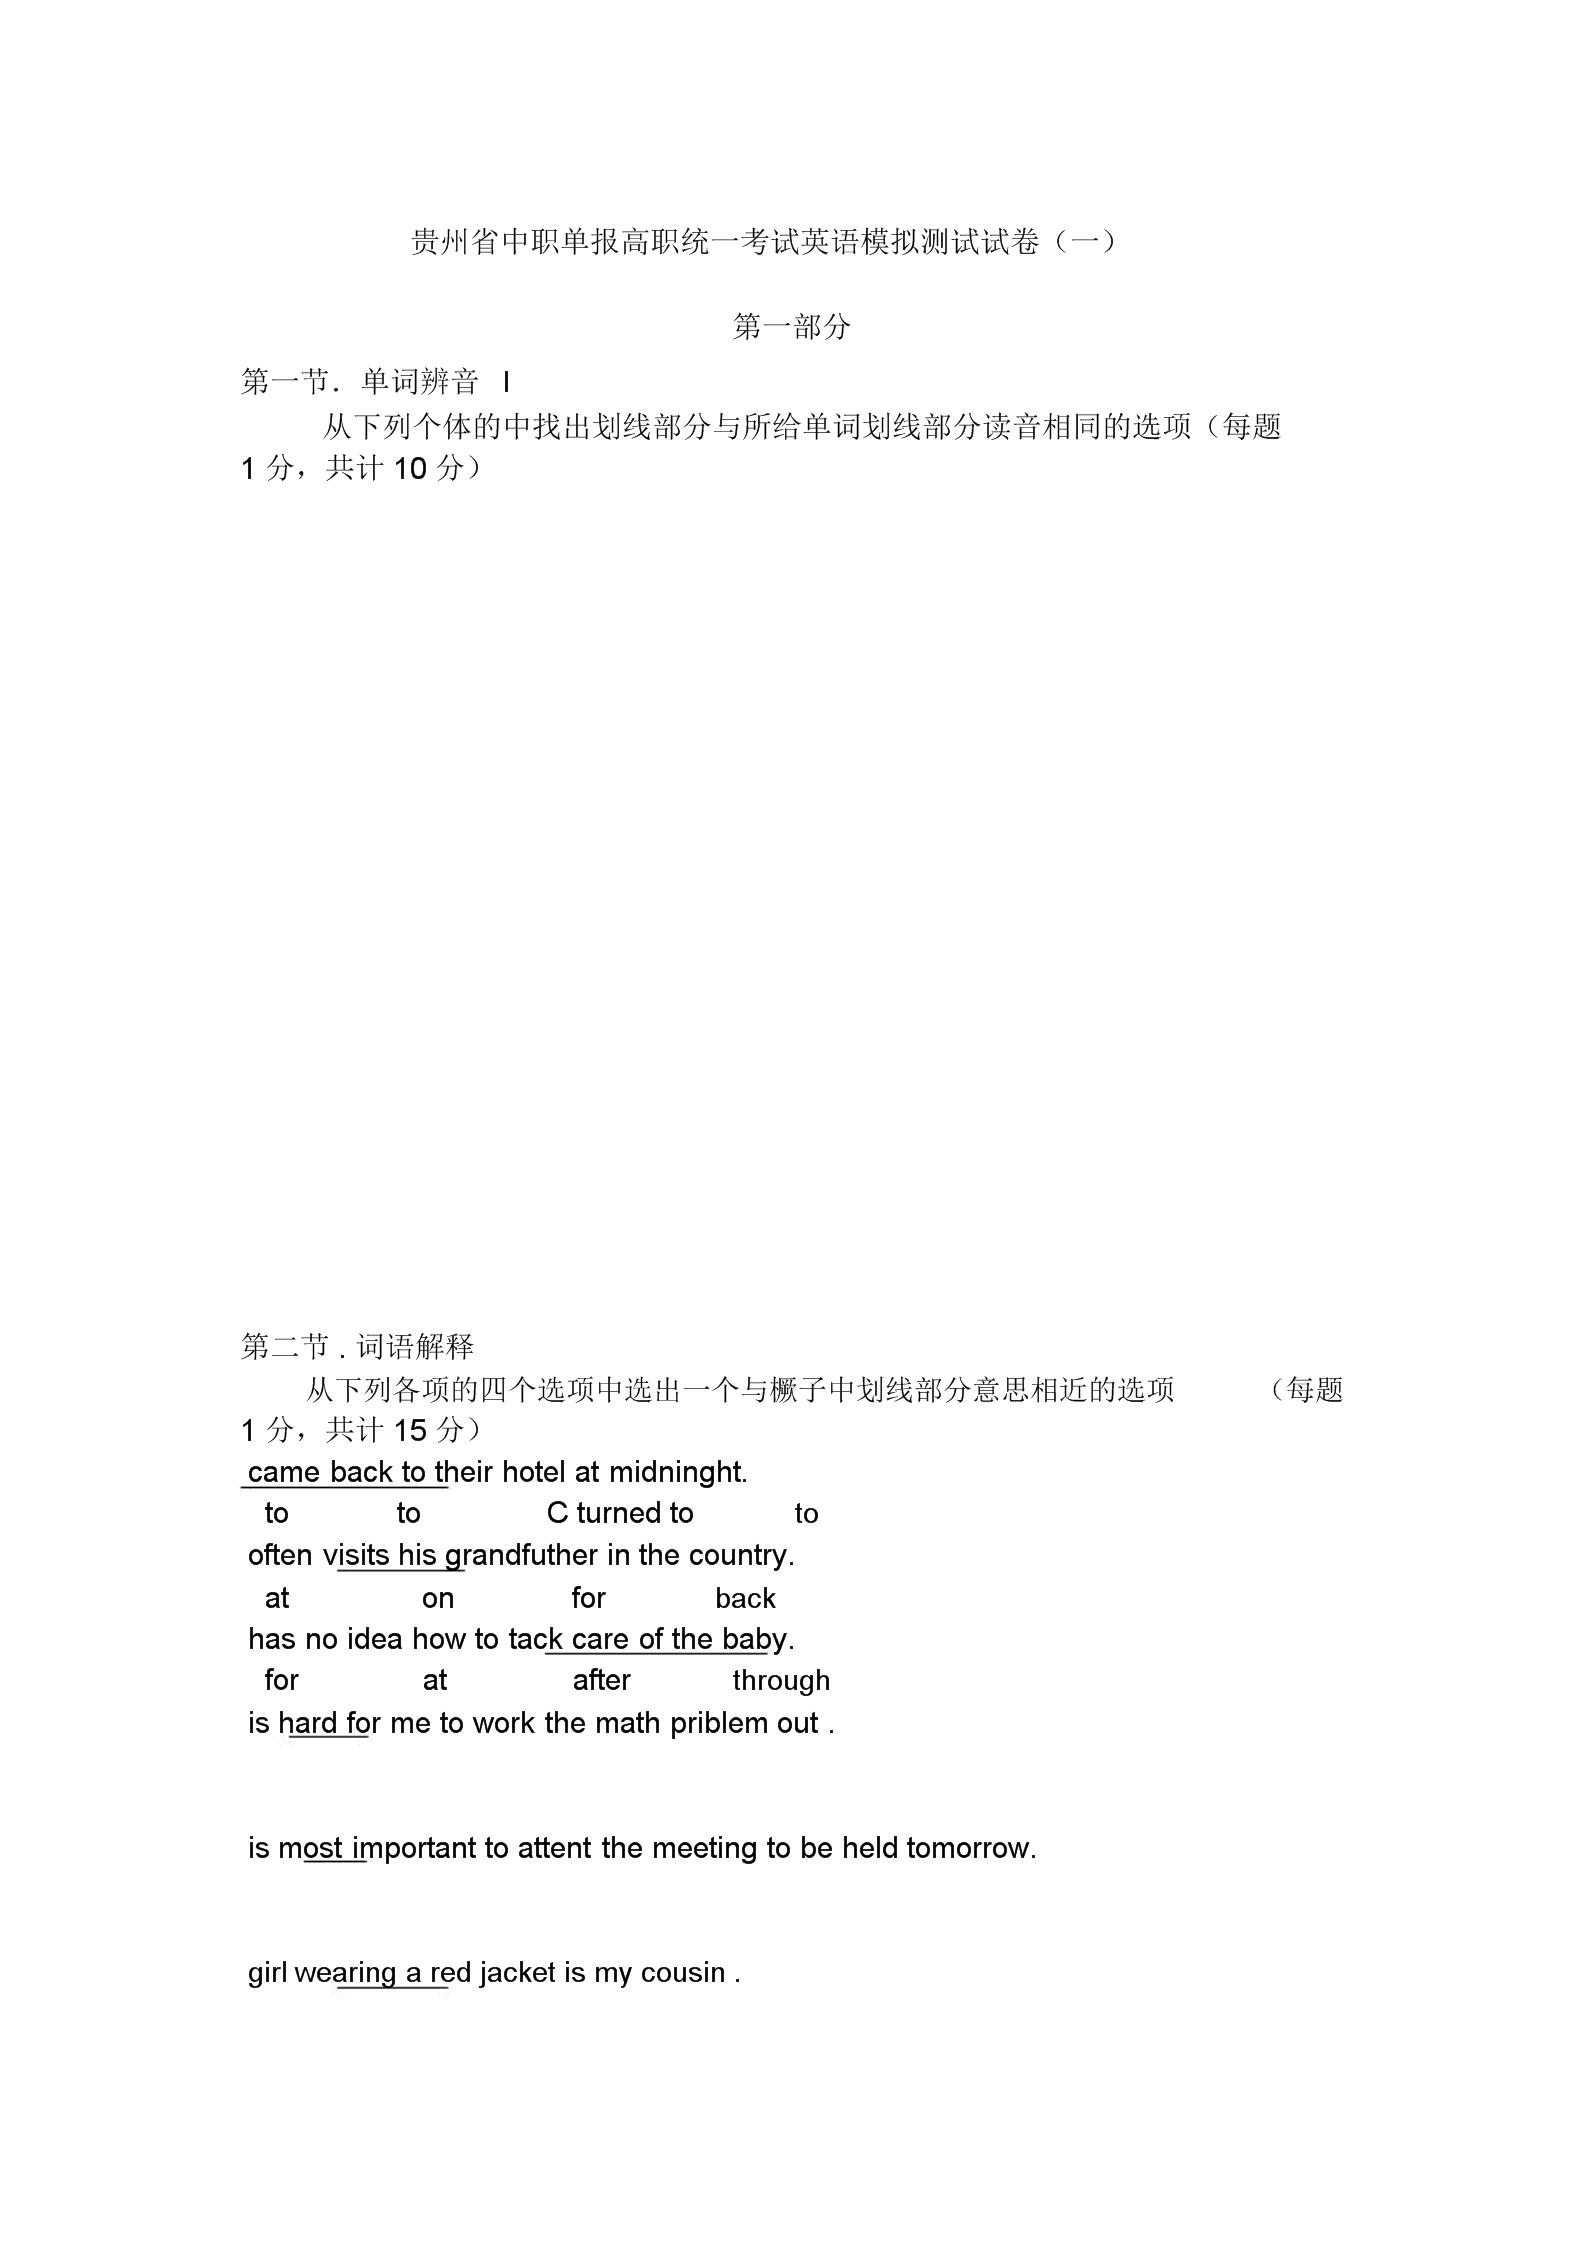 贵州省中职单报高职统一考试英语模拟测试试卷.docx